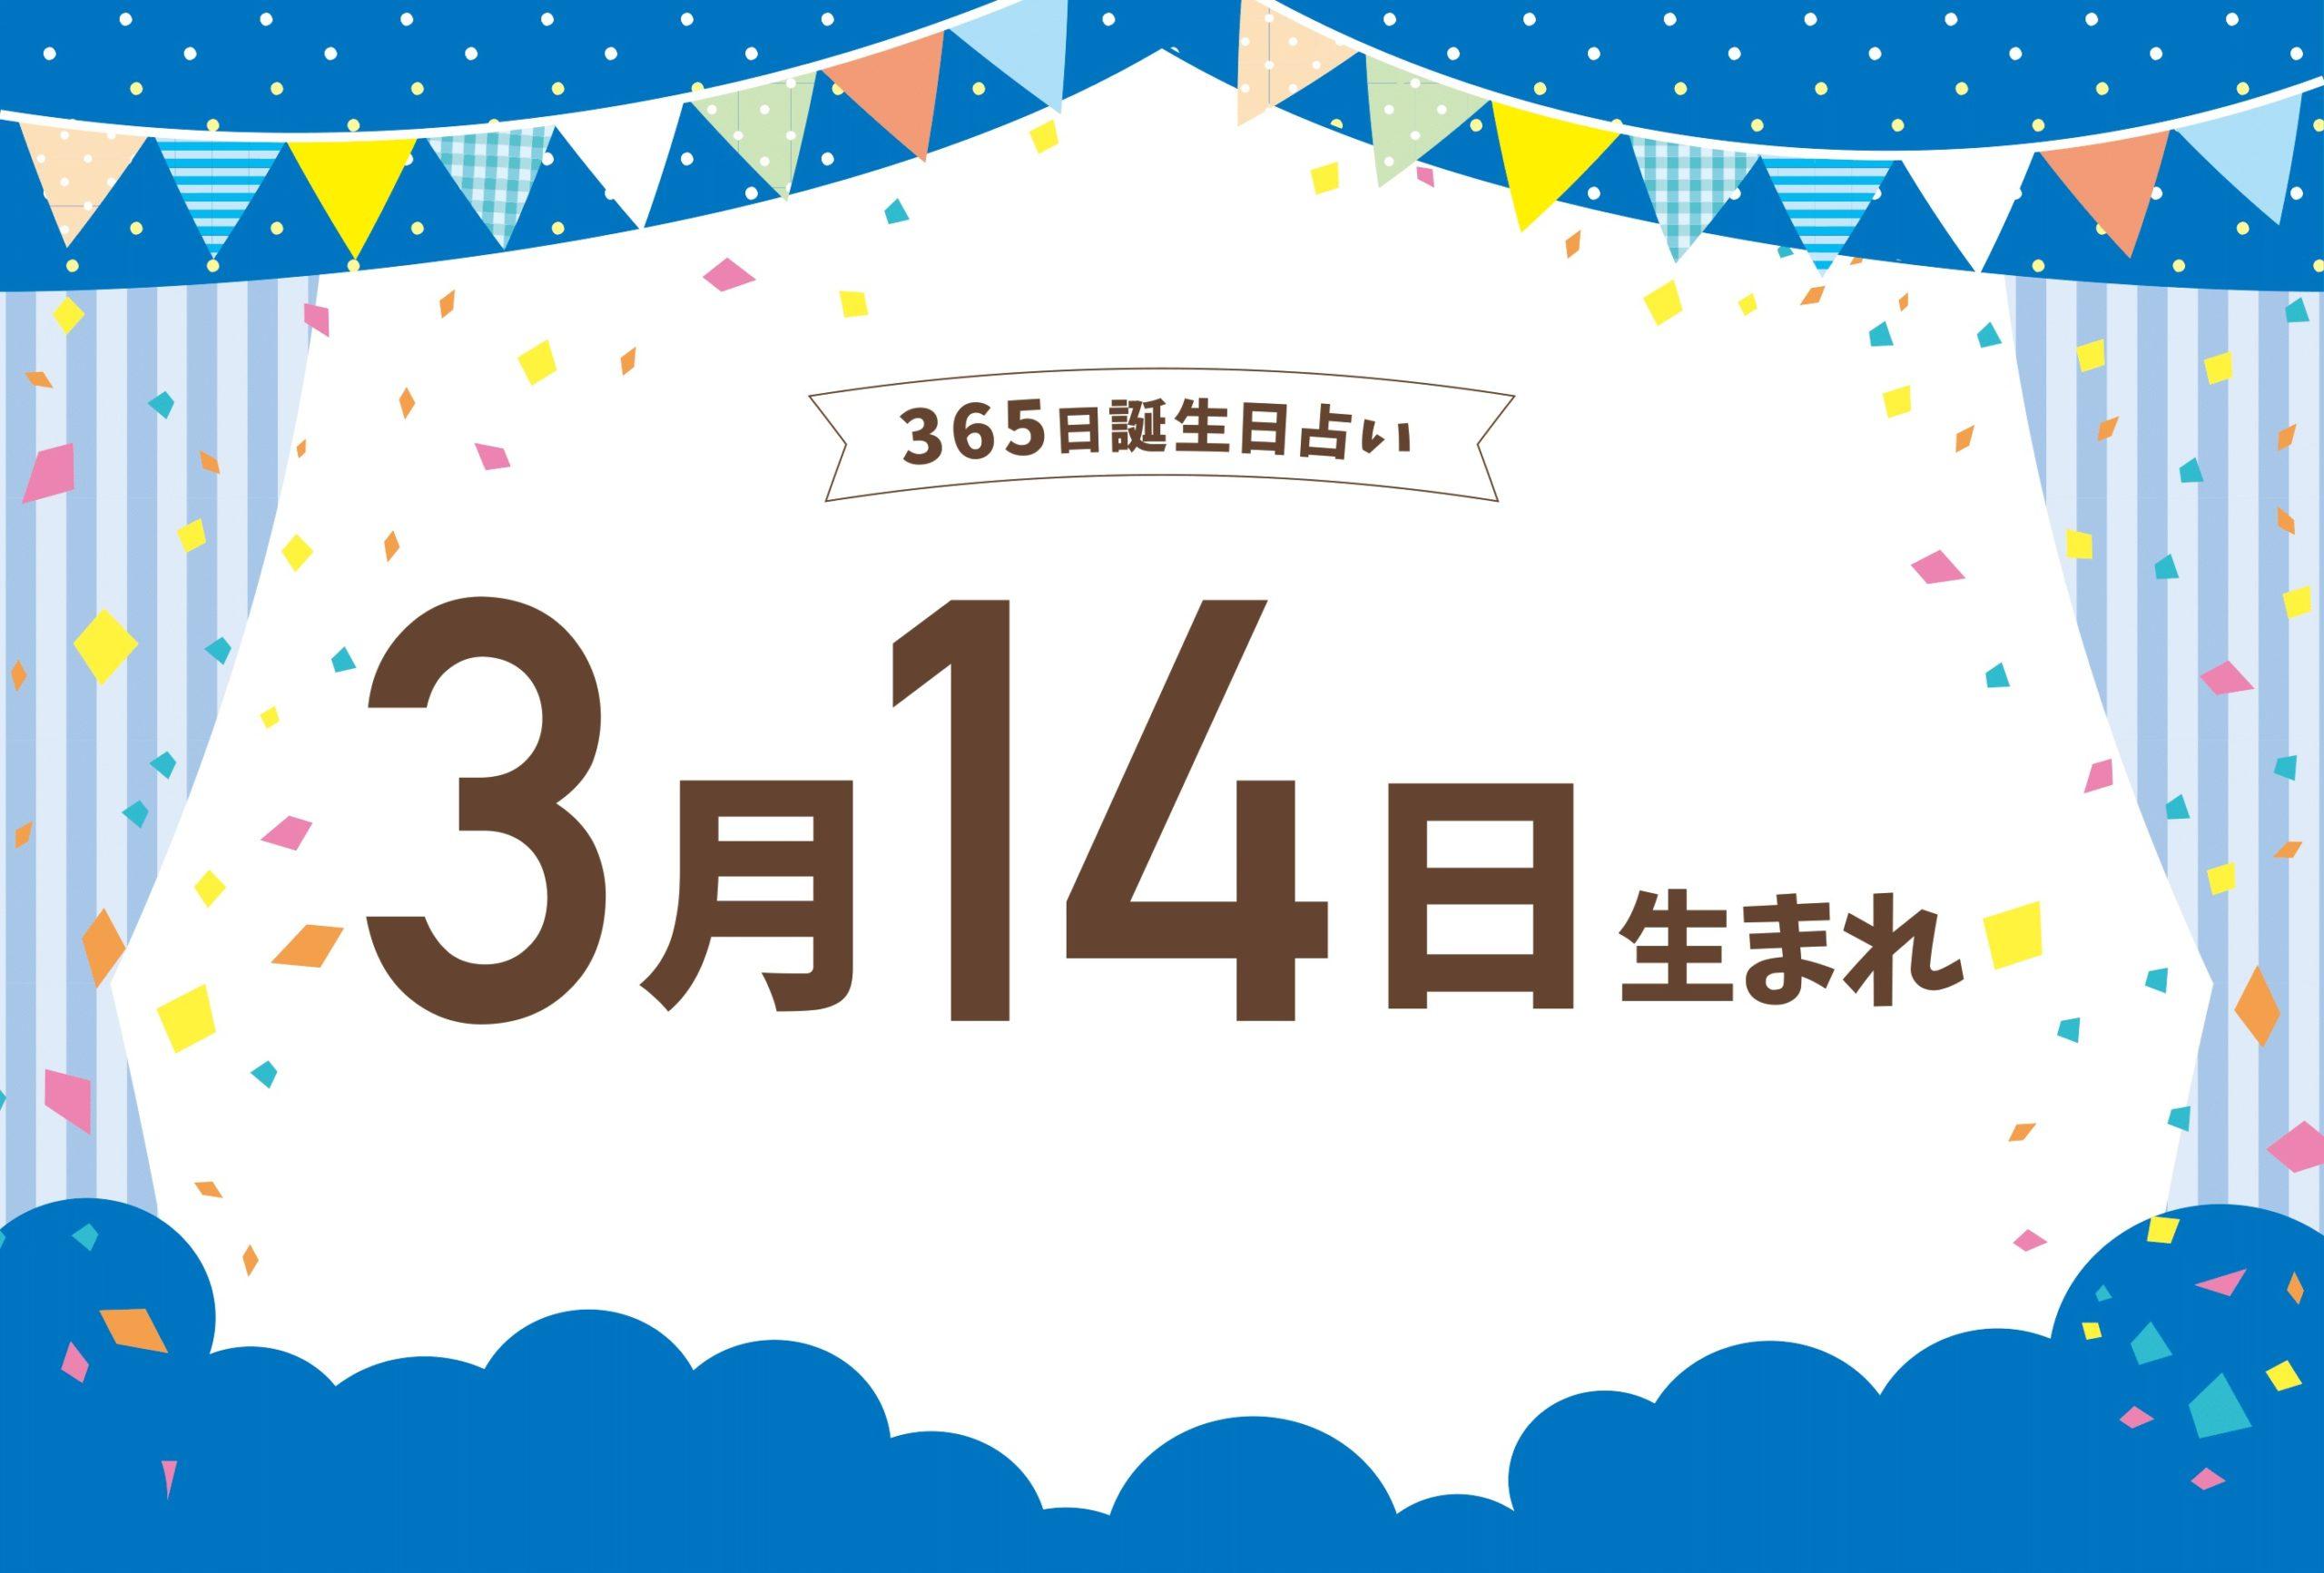 14 日 月 3 3月14日(土) 全線のダイヤ改正を実施します!|ニュースリリース|阪神電気鉄道株式会社